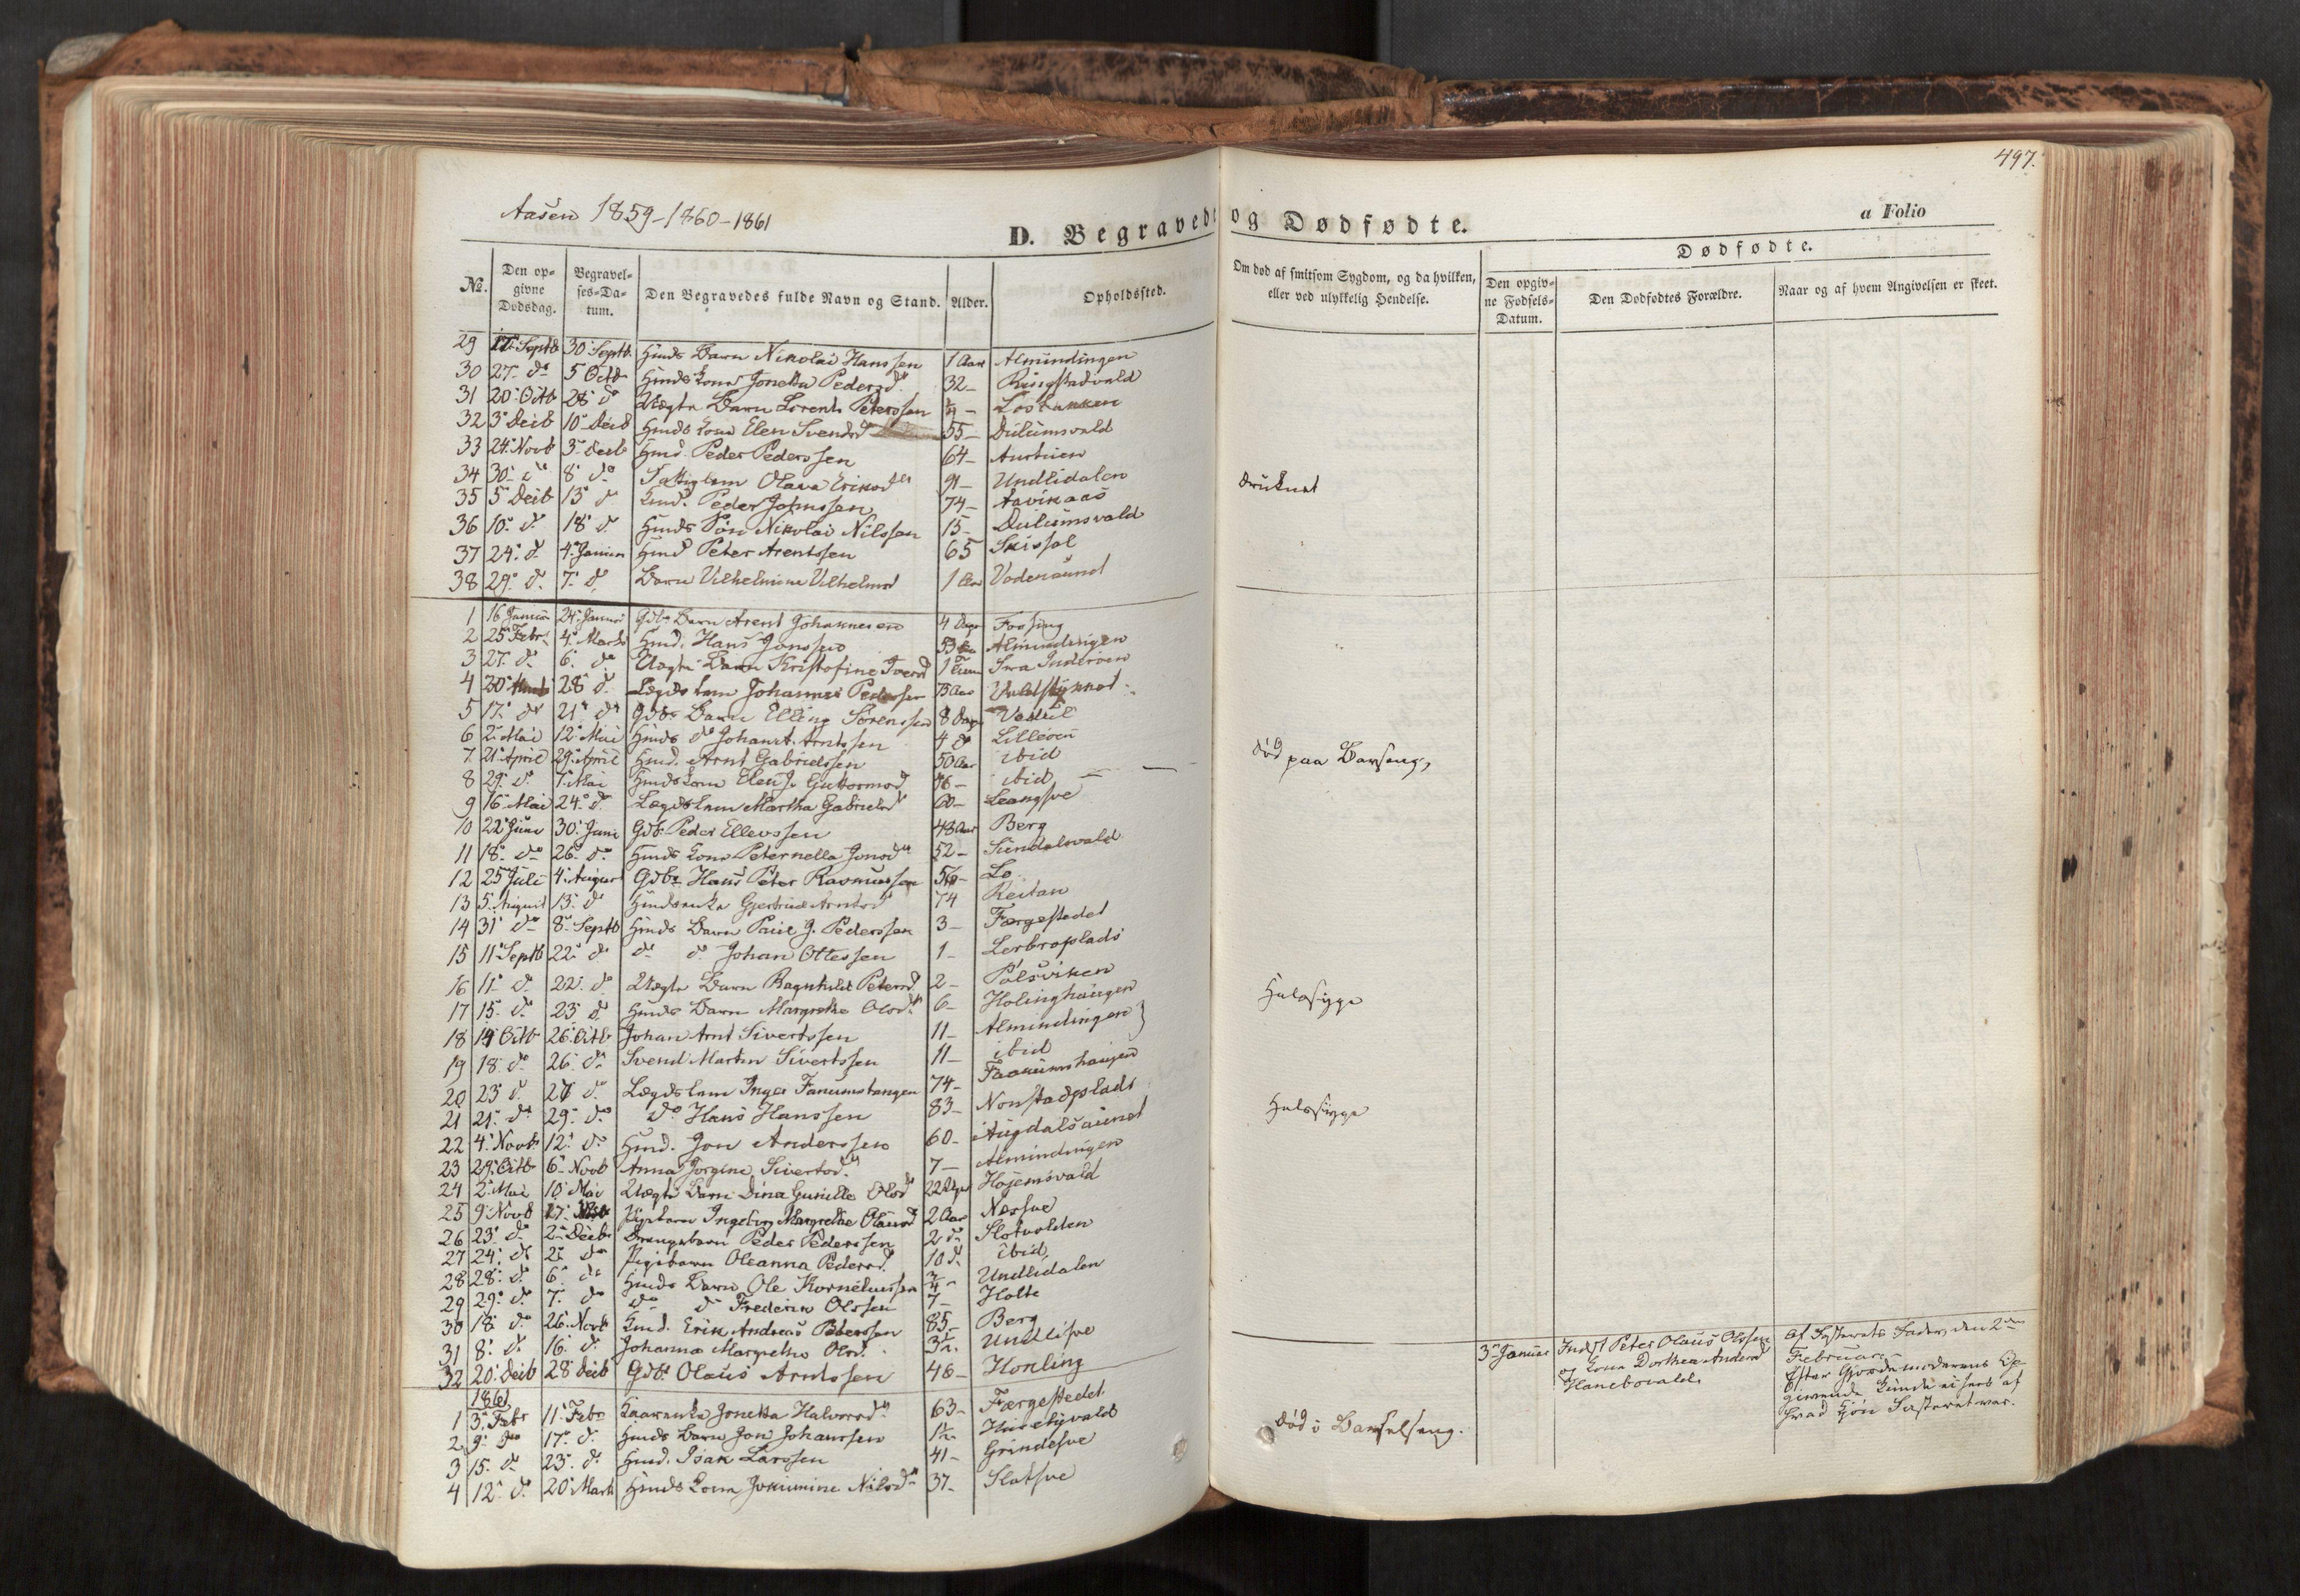 SAT, Ministerialprotokoller, klokkerbøker og fødselsregistre - Nord-Trøndelag, 713/L0116: Ministerialbok nr. 713A07, 1850-1877, s. 497